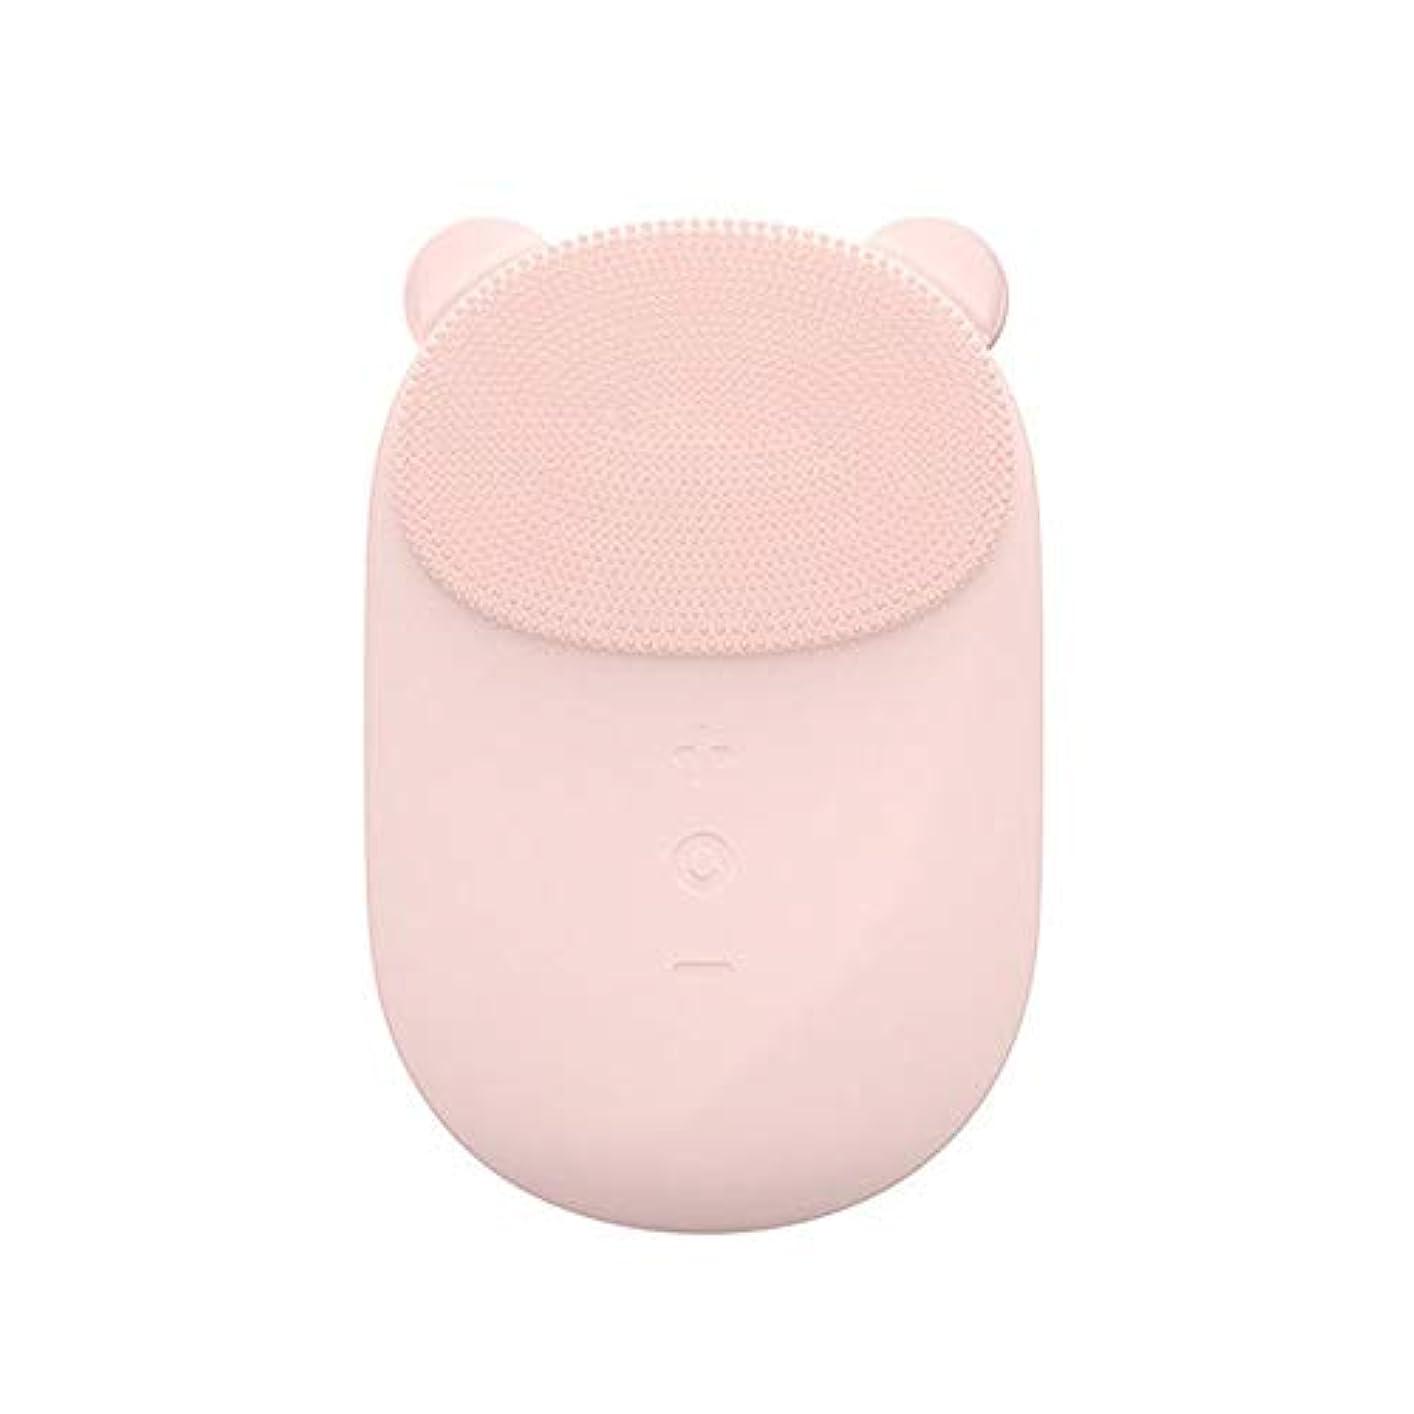 要求冗長一方、洗顔ブラシ すべての肌のアンチエイジングフェイシャル剥離のためのフェイシャルクレンジングブラシフェース振動マッサージャー充電式ディープクリーニング ディープクレンジングスキンケア用 (色 : ピンク, サイズ : 10.6...